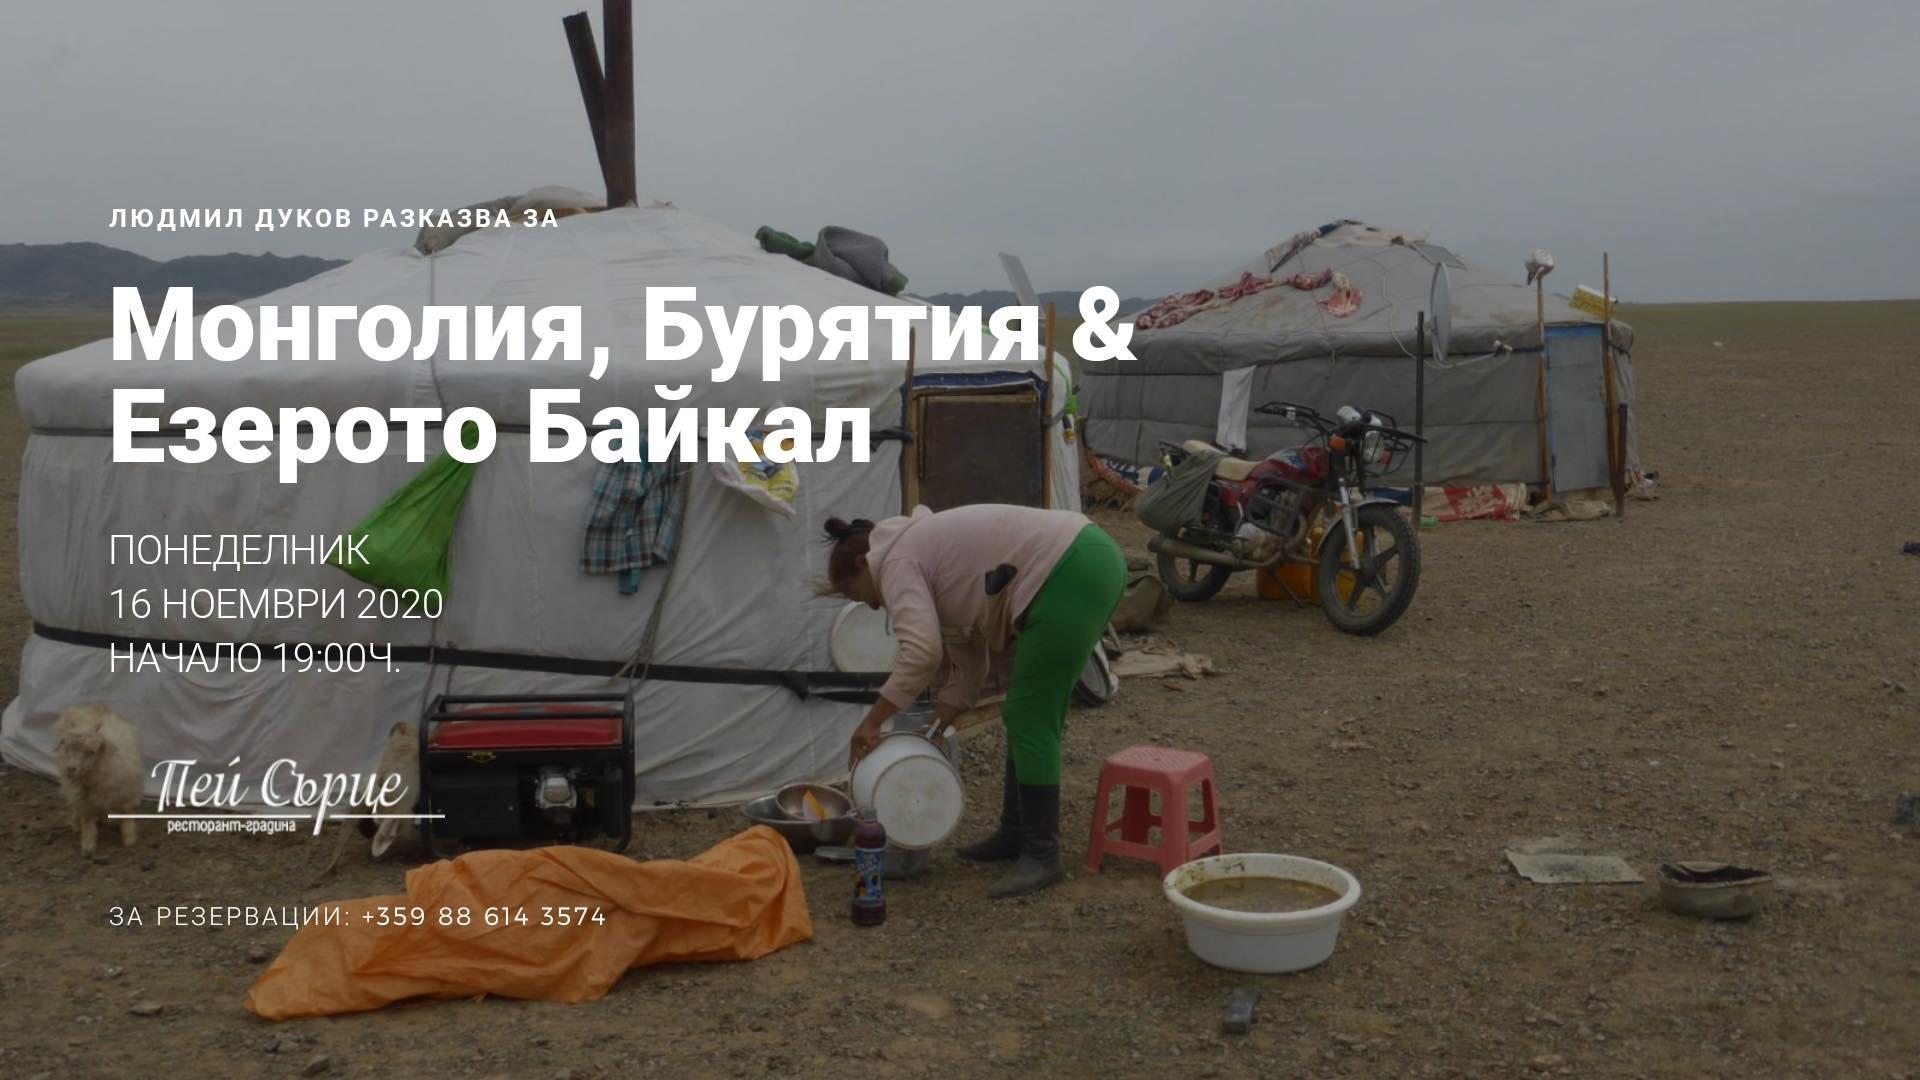 Истории за Монголия, Бурятия и езерото Байкал с Людмил Дуков на 16 ноември